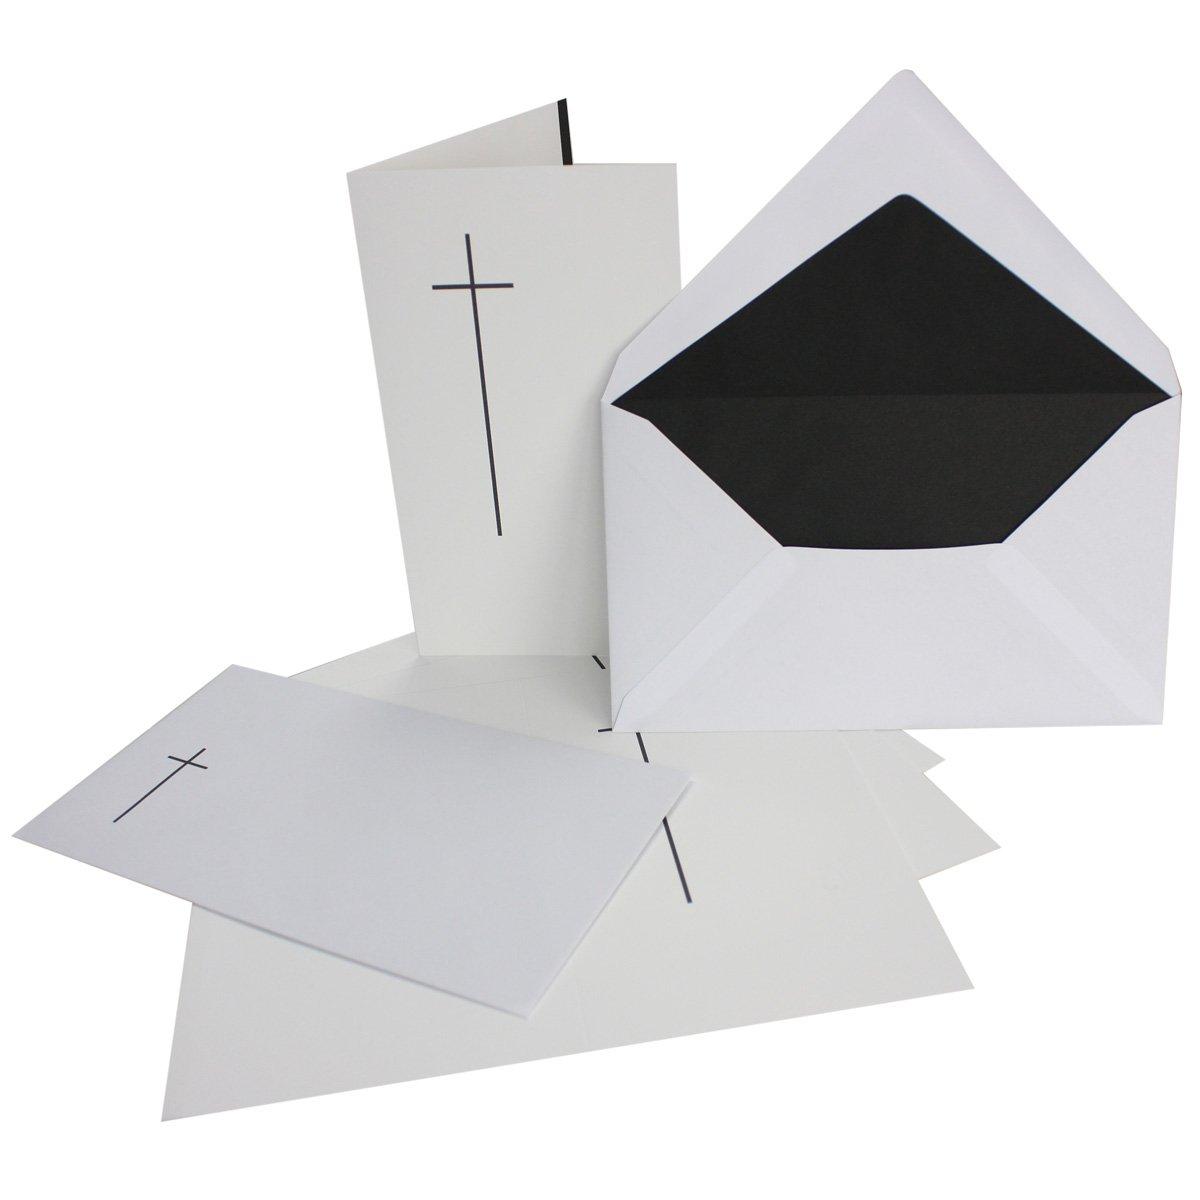 50x Trauerkarten-Set mit Kreuz Kreuz Kreuz ca. B6 11,4 x 19,5 cm & Trauer-Umschlägen mit schlichtem Kreuz & schwarzem Futter, Faltkarten Trauer-Anzeigen B07KW892ZR | Hohe Qualität Und Geringen Overhead  b47be5